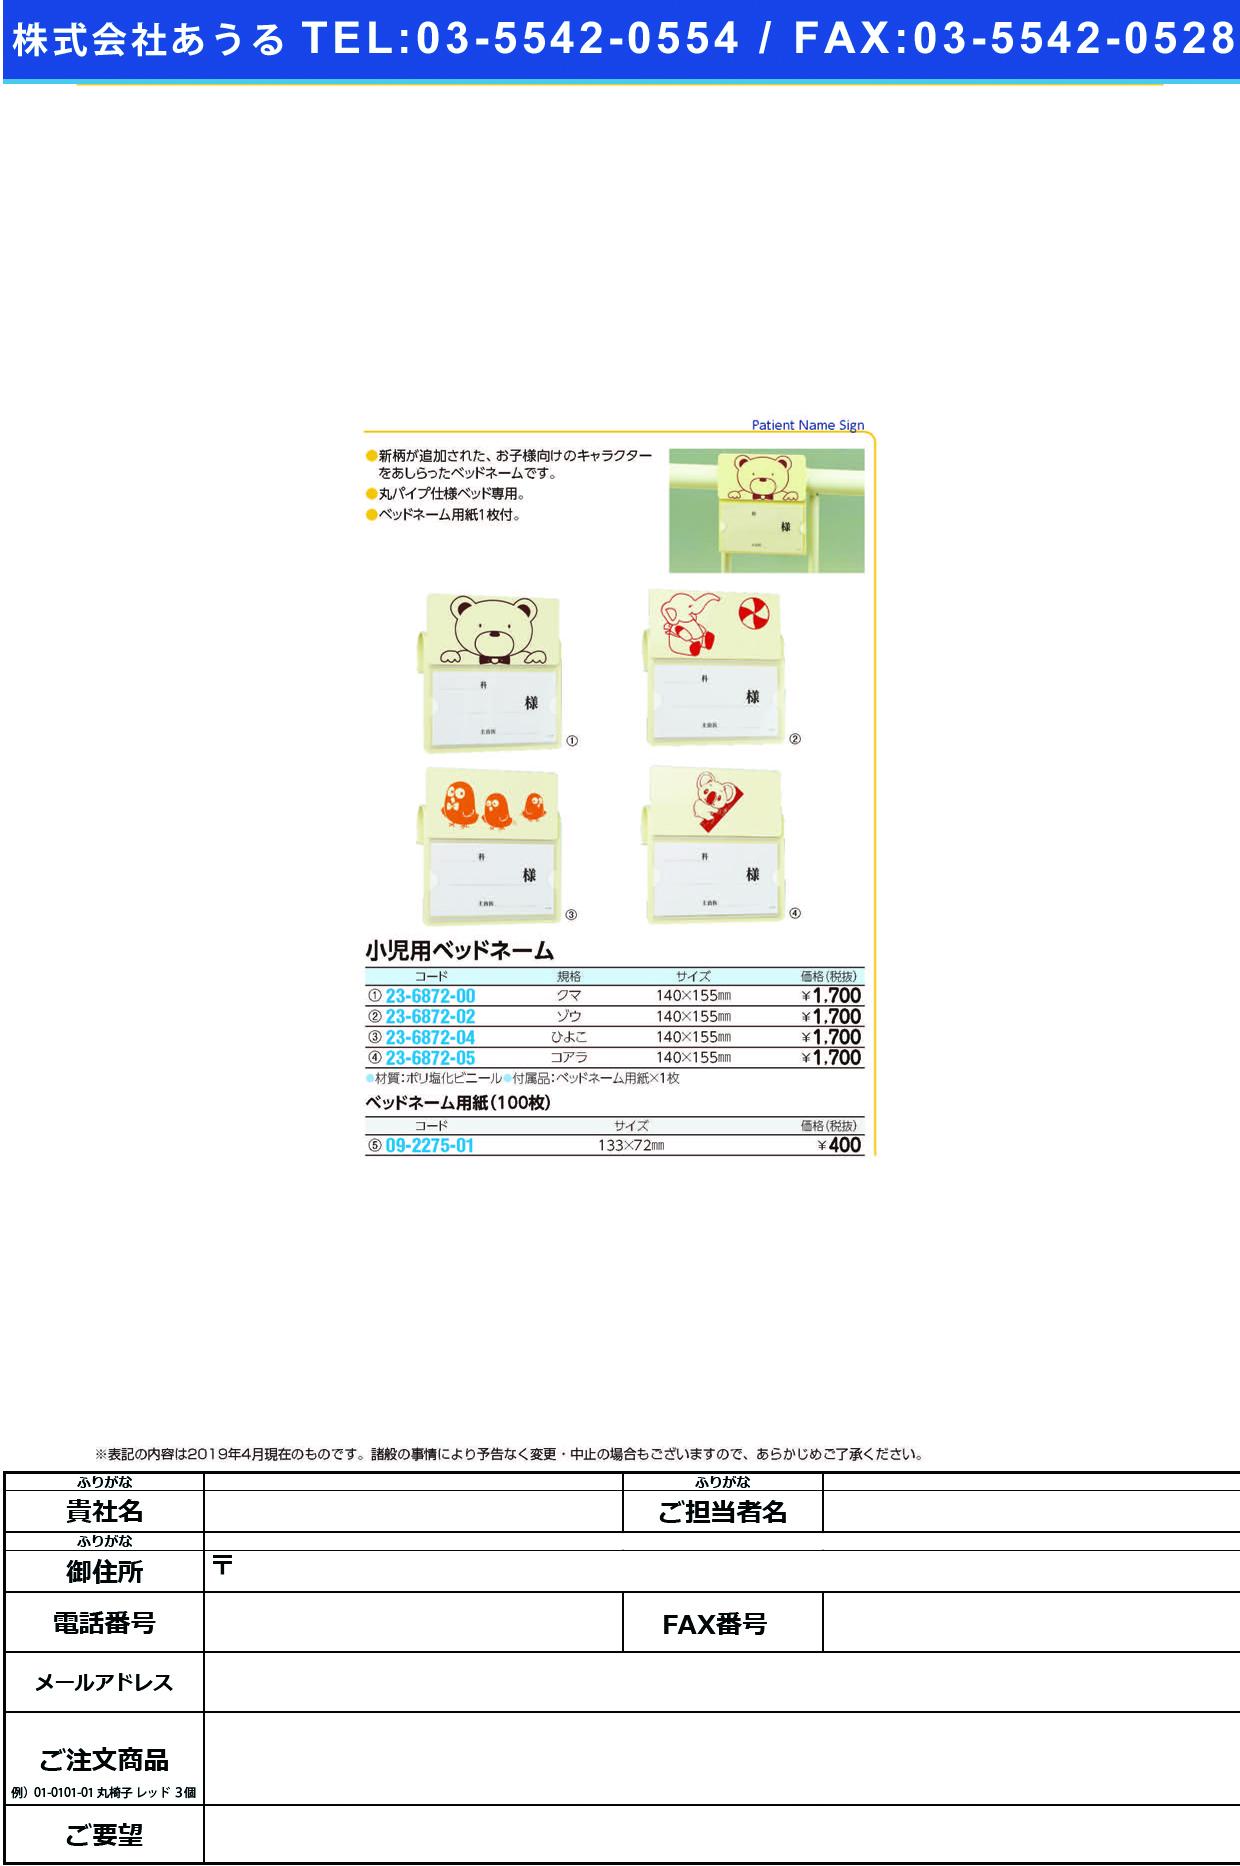 (23-6872-00)ベッドネーム小児P型 クマ ベッドネームショウニPガタ【1枚単位】【2019年カタログ商品】